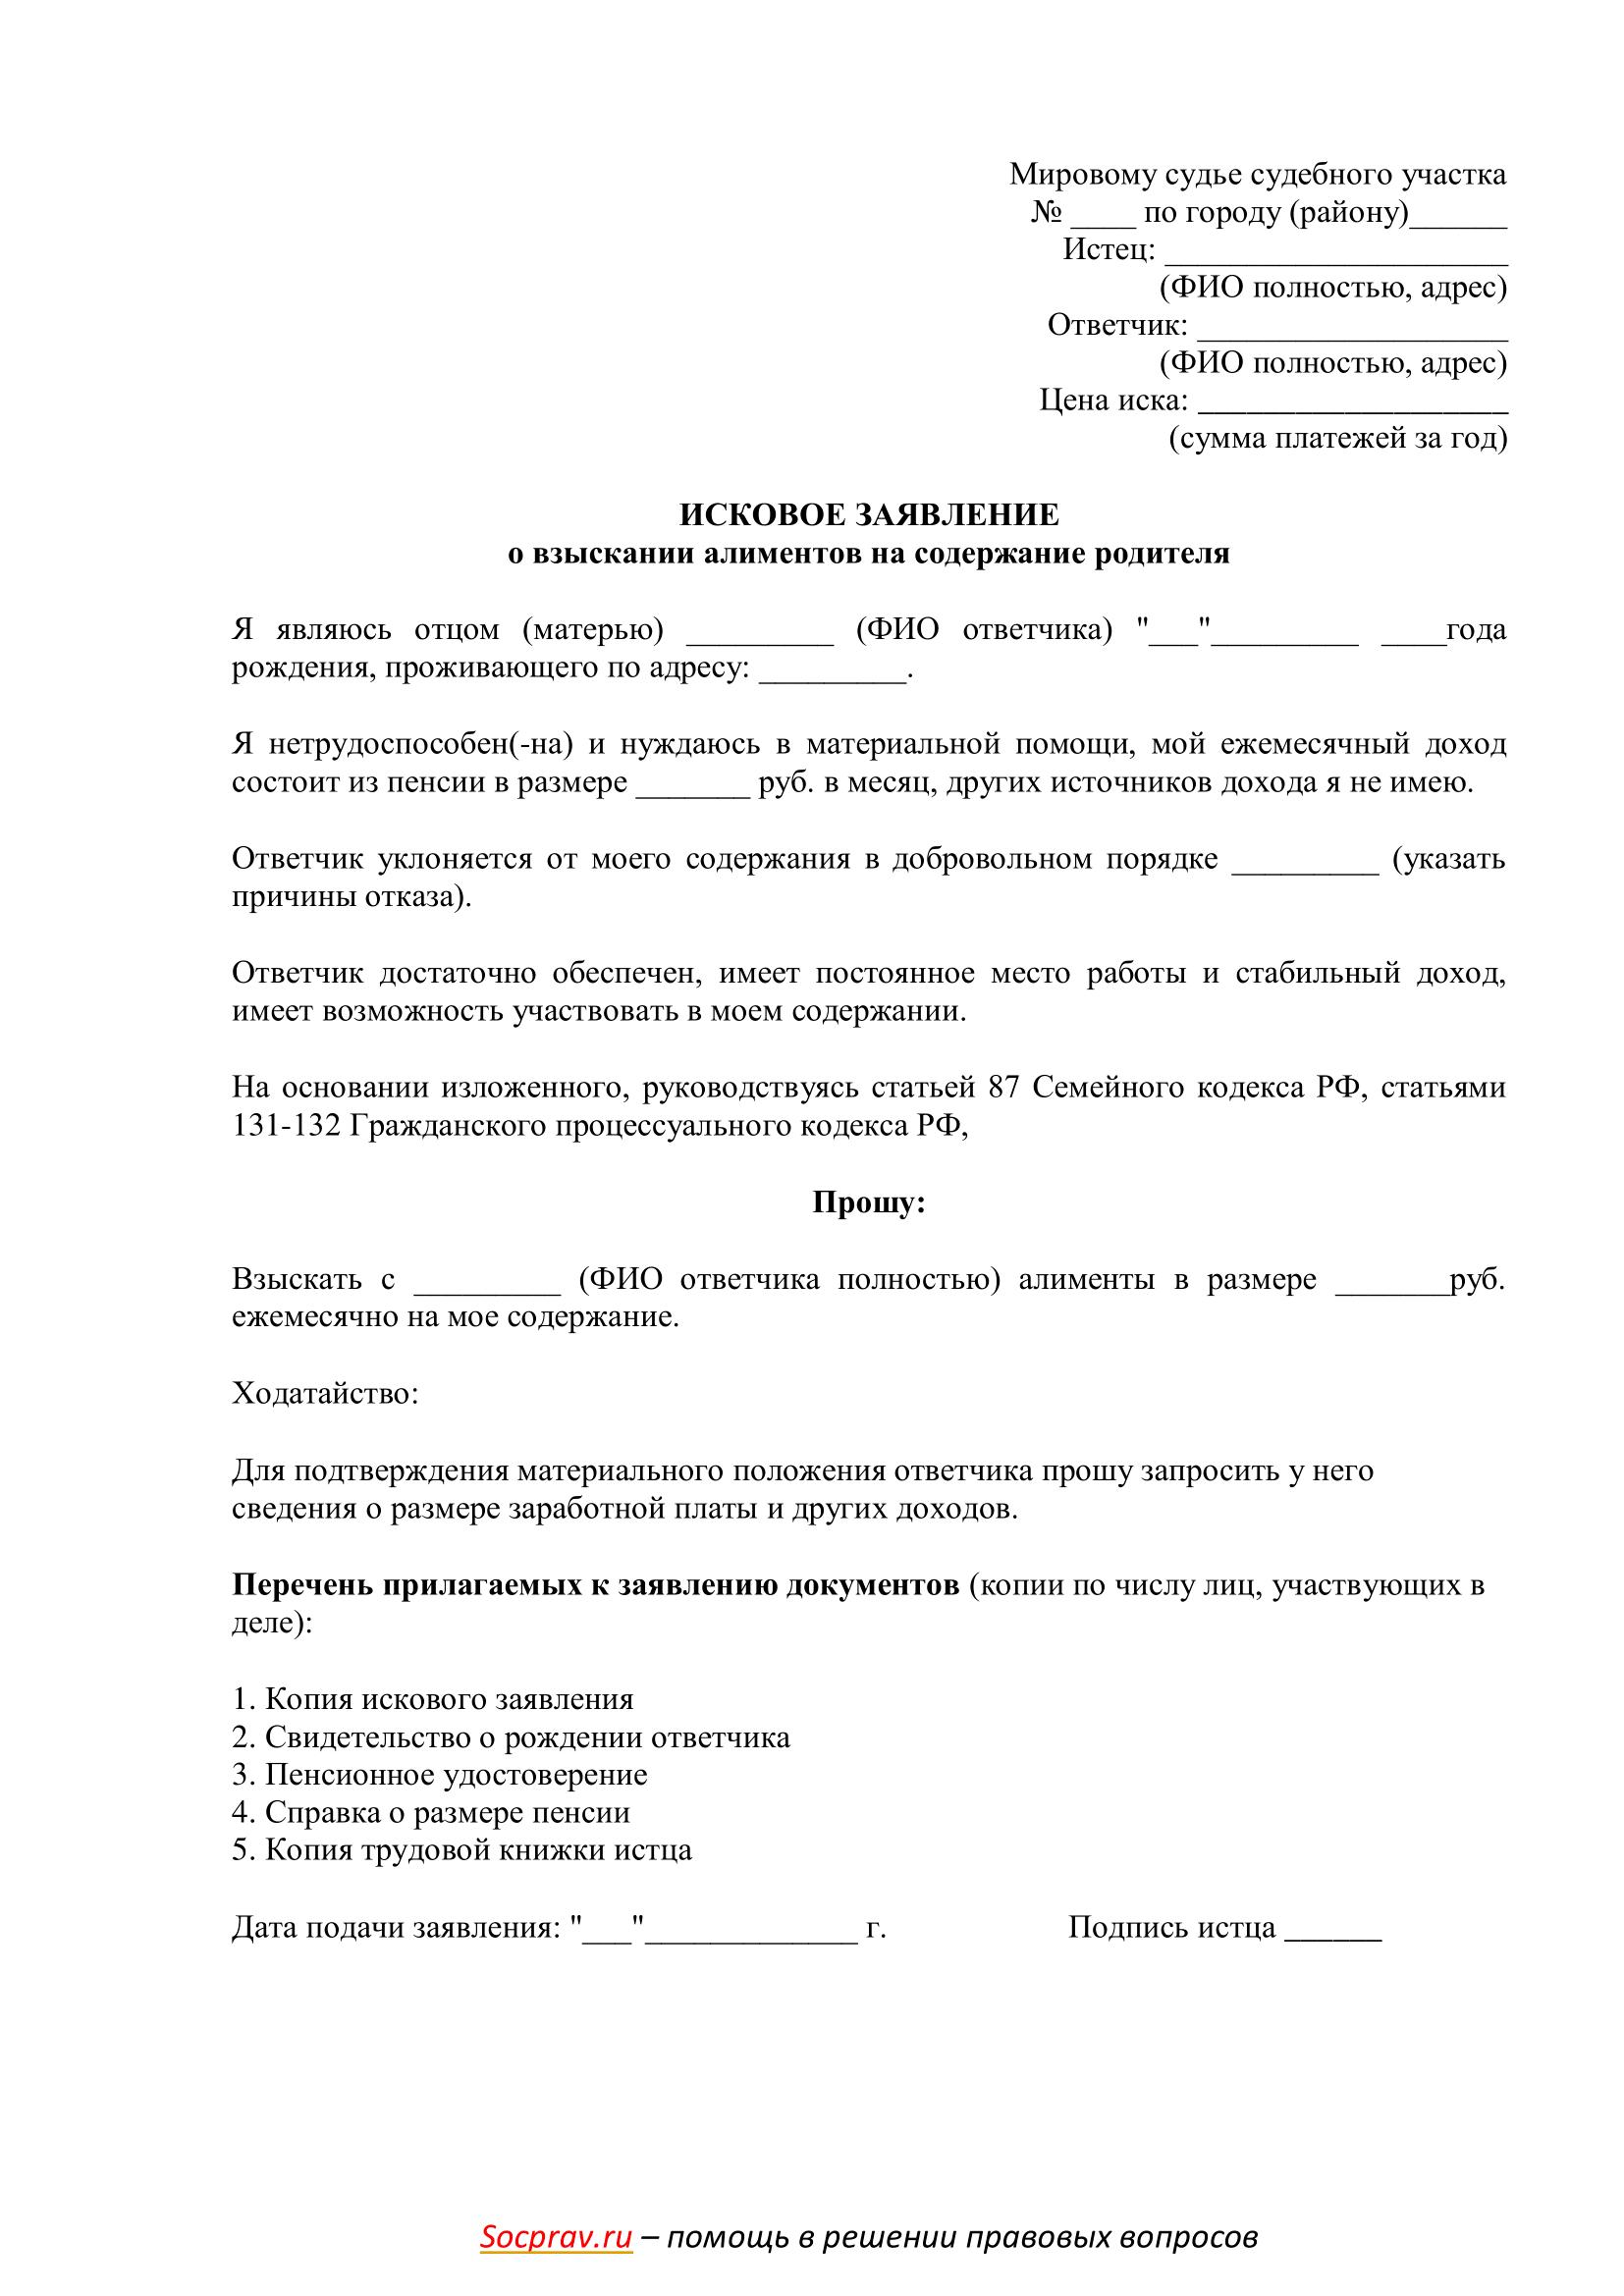 Исковое заявление о взыскании алиментов на содержание родителя (образец)